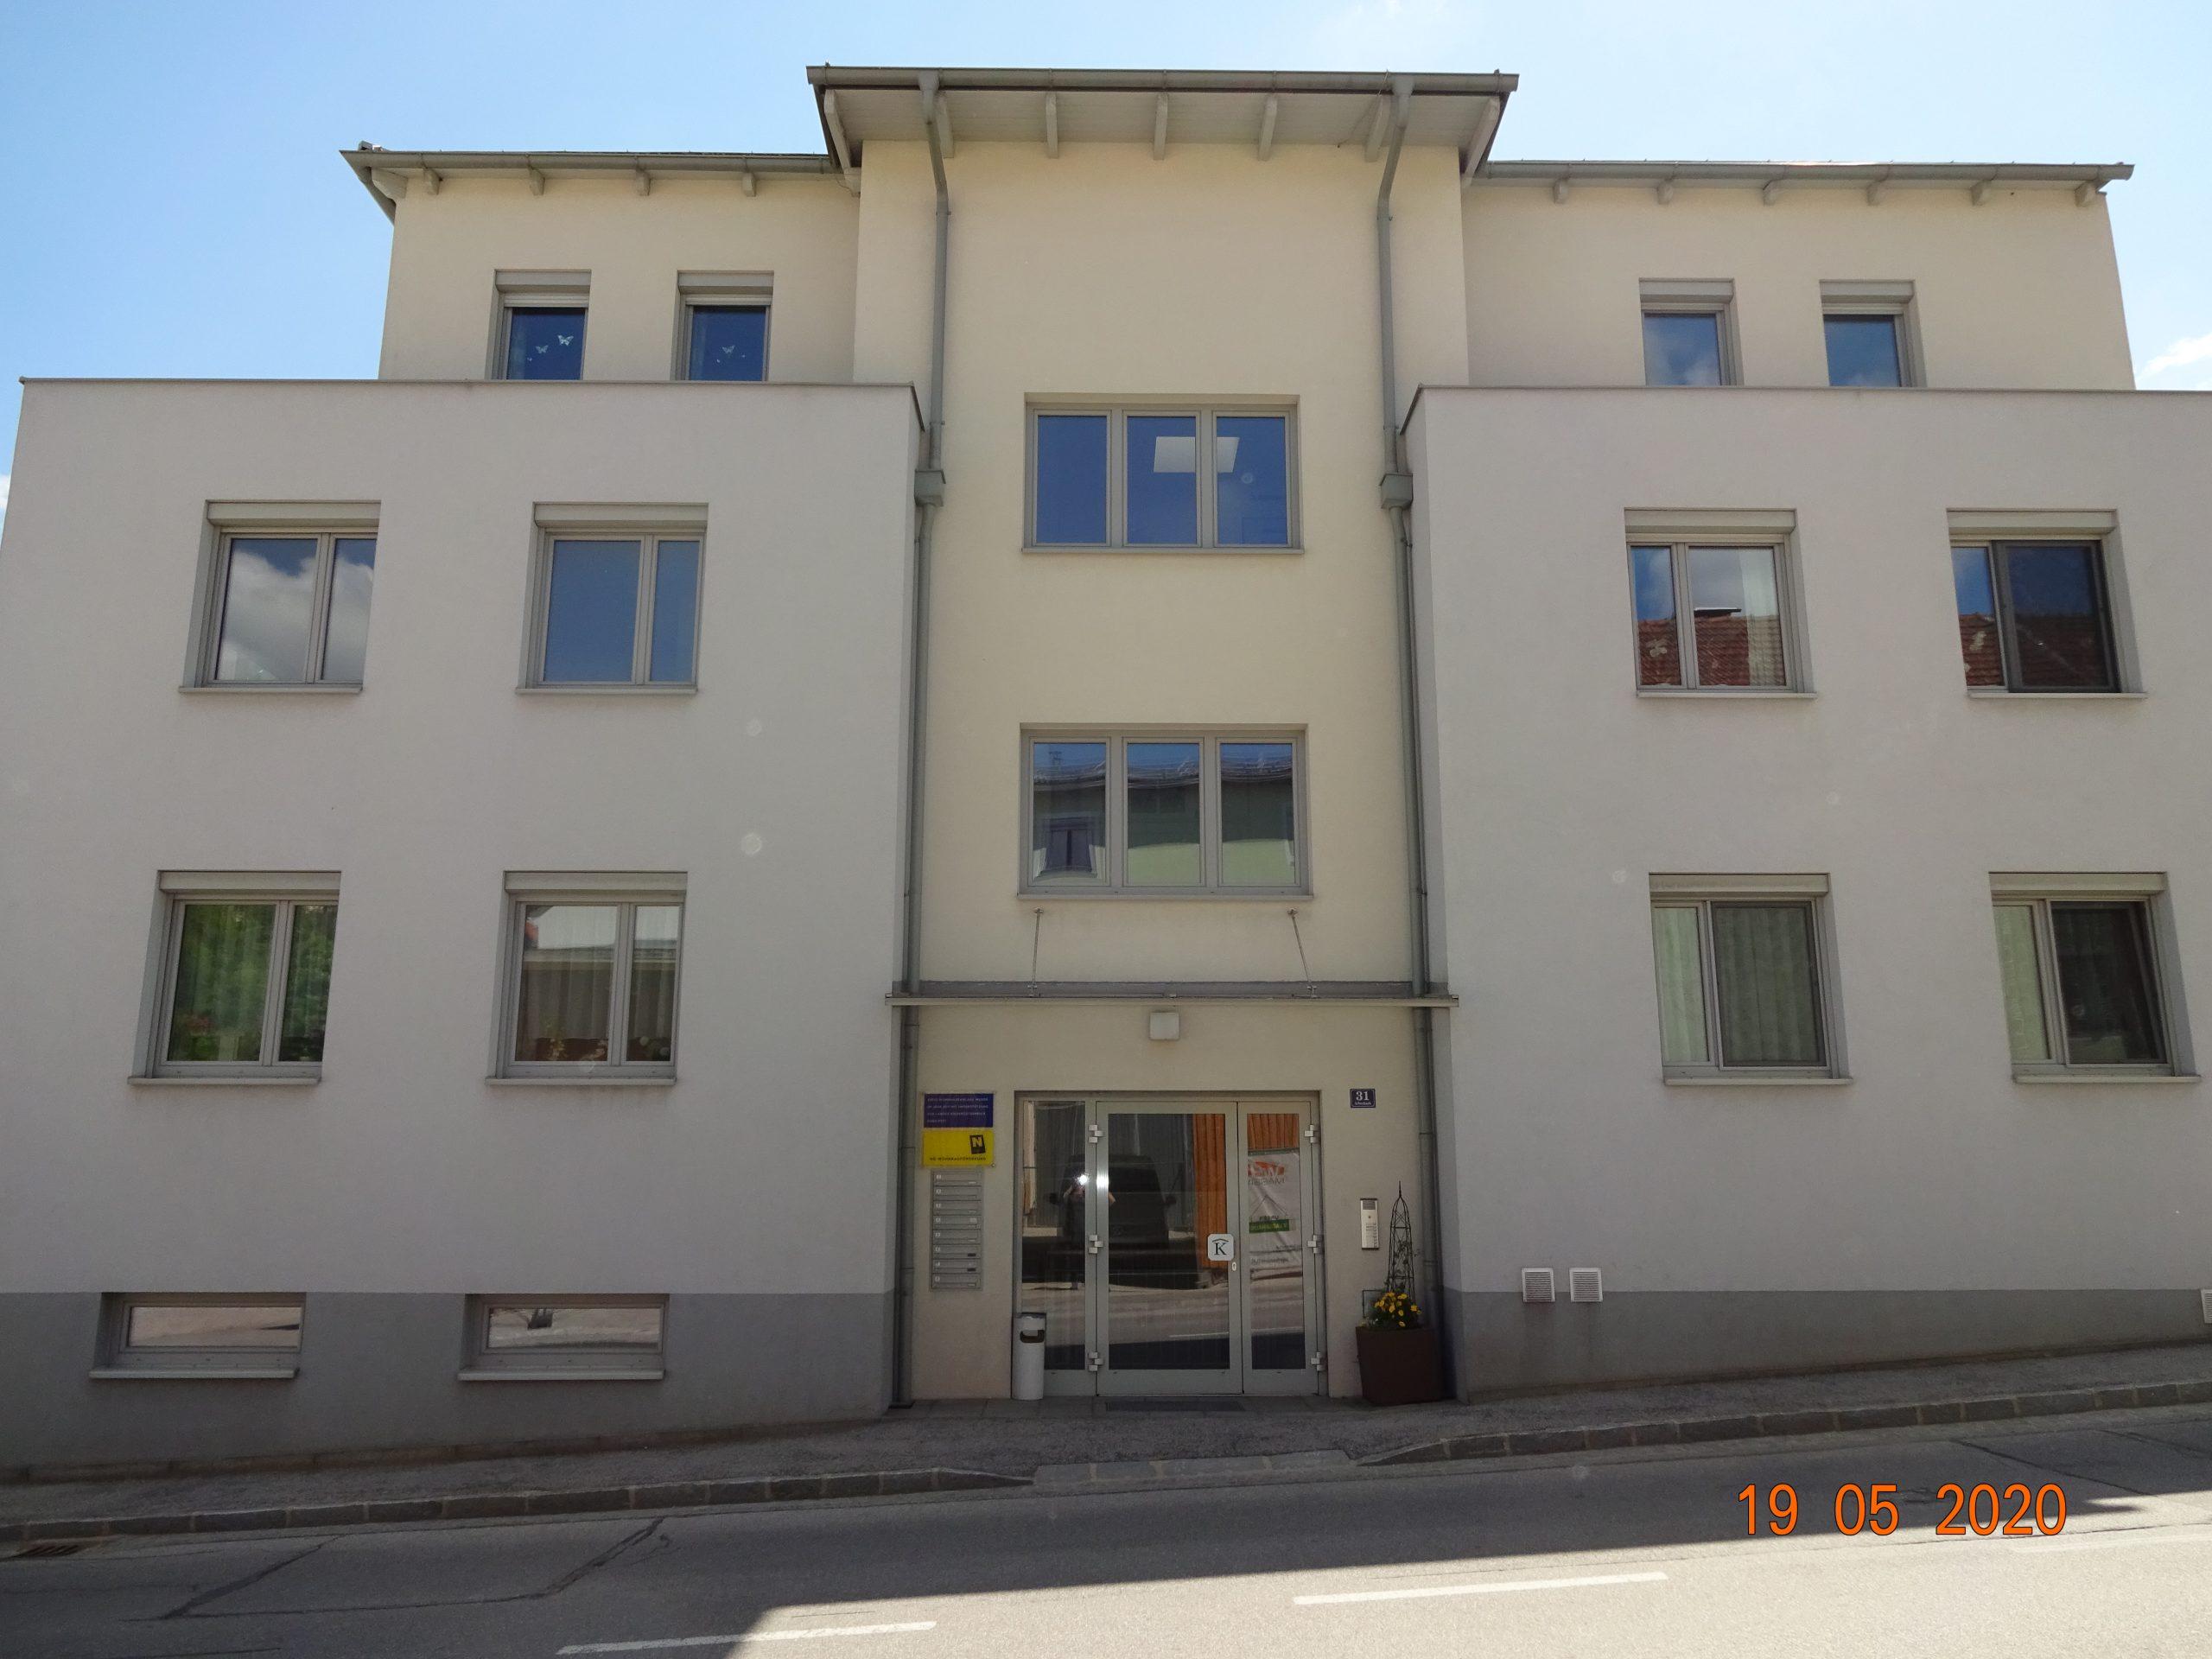 Immobilie von Kamptal in 3925 Arbesbach, Zwettl, Arbesbach II - Top 6 #11